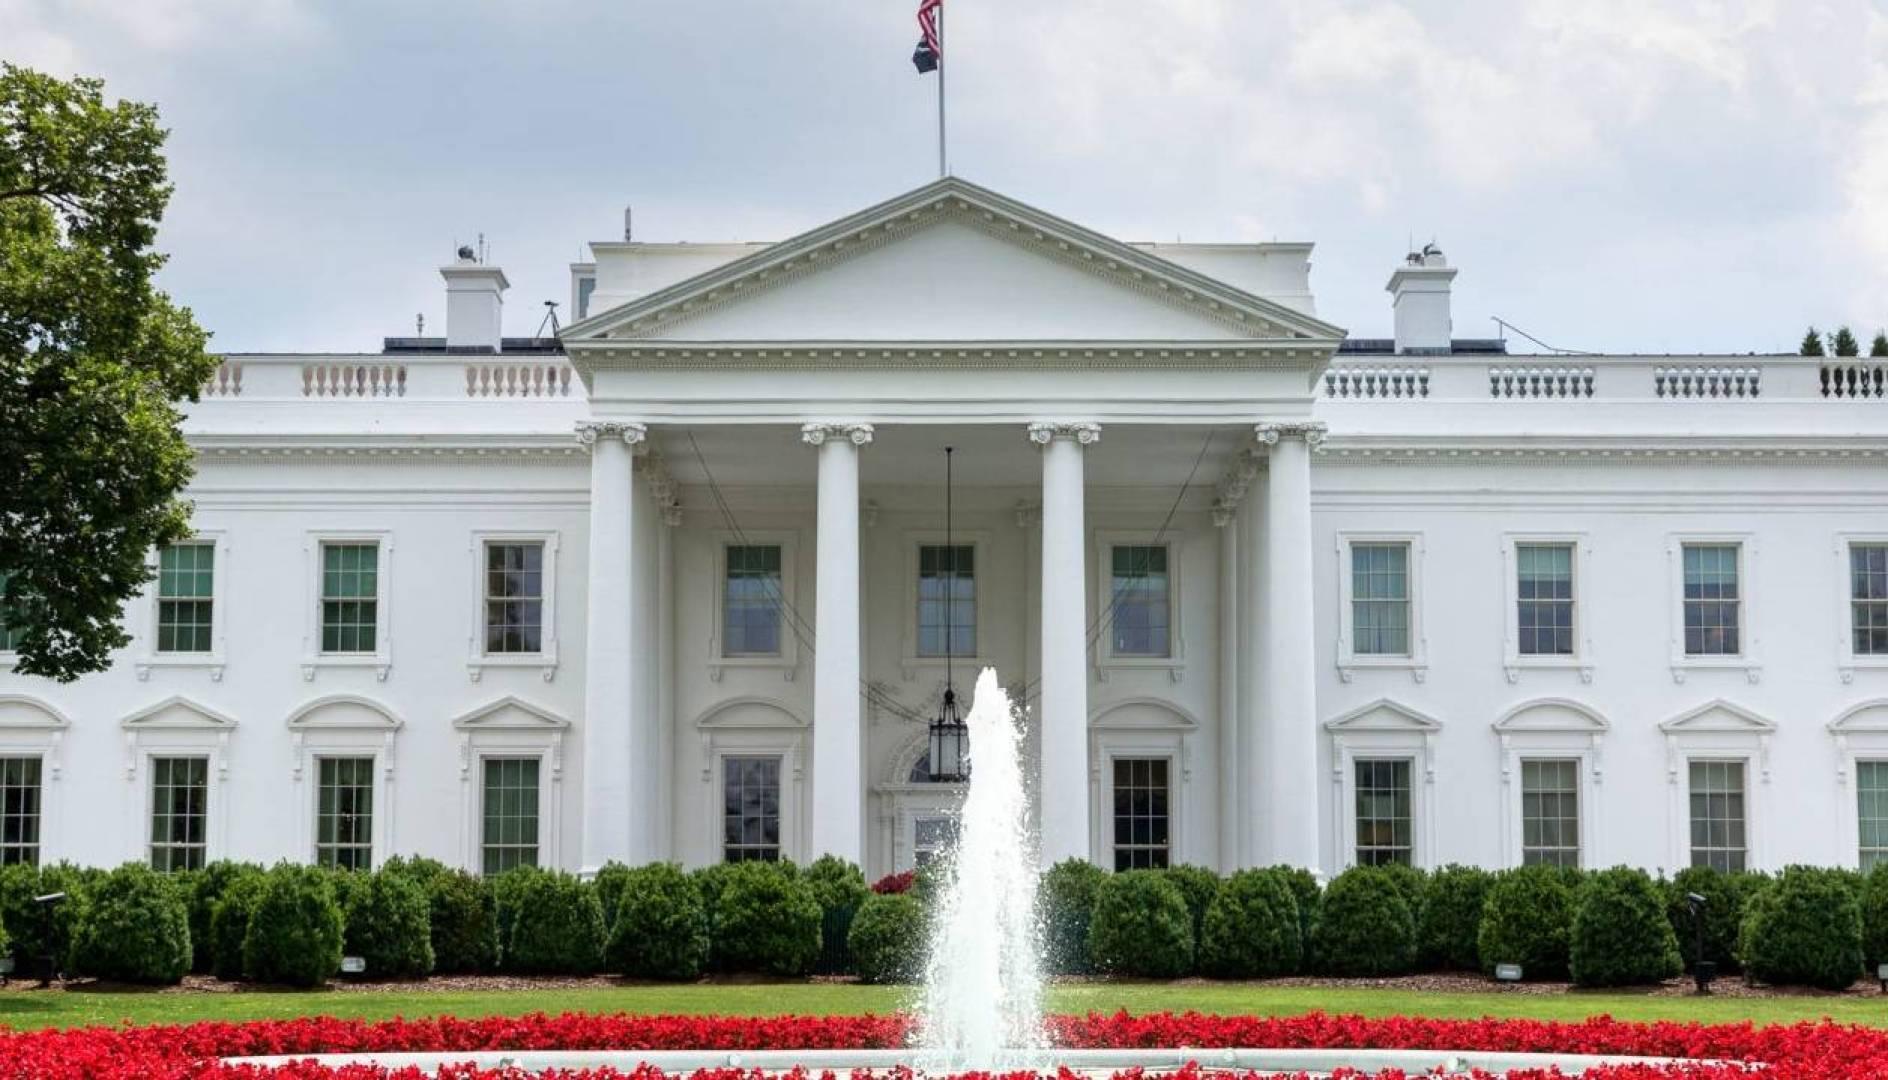 البيت الأبيض: لا وجود لأي جندي أميركي في منطقة العمليات بسوريا